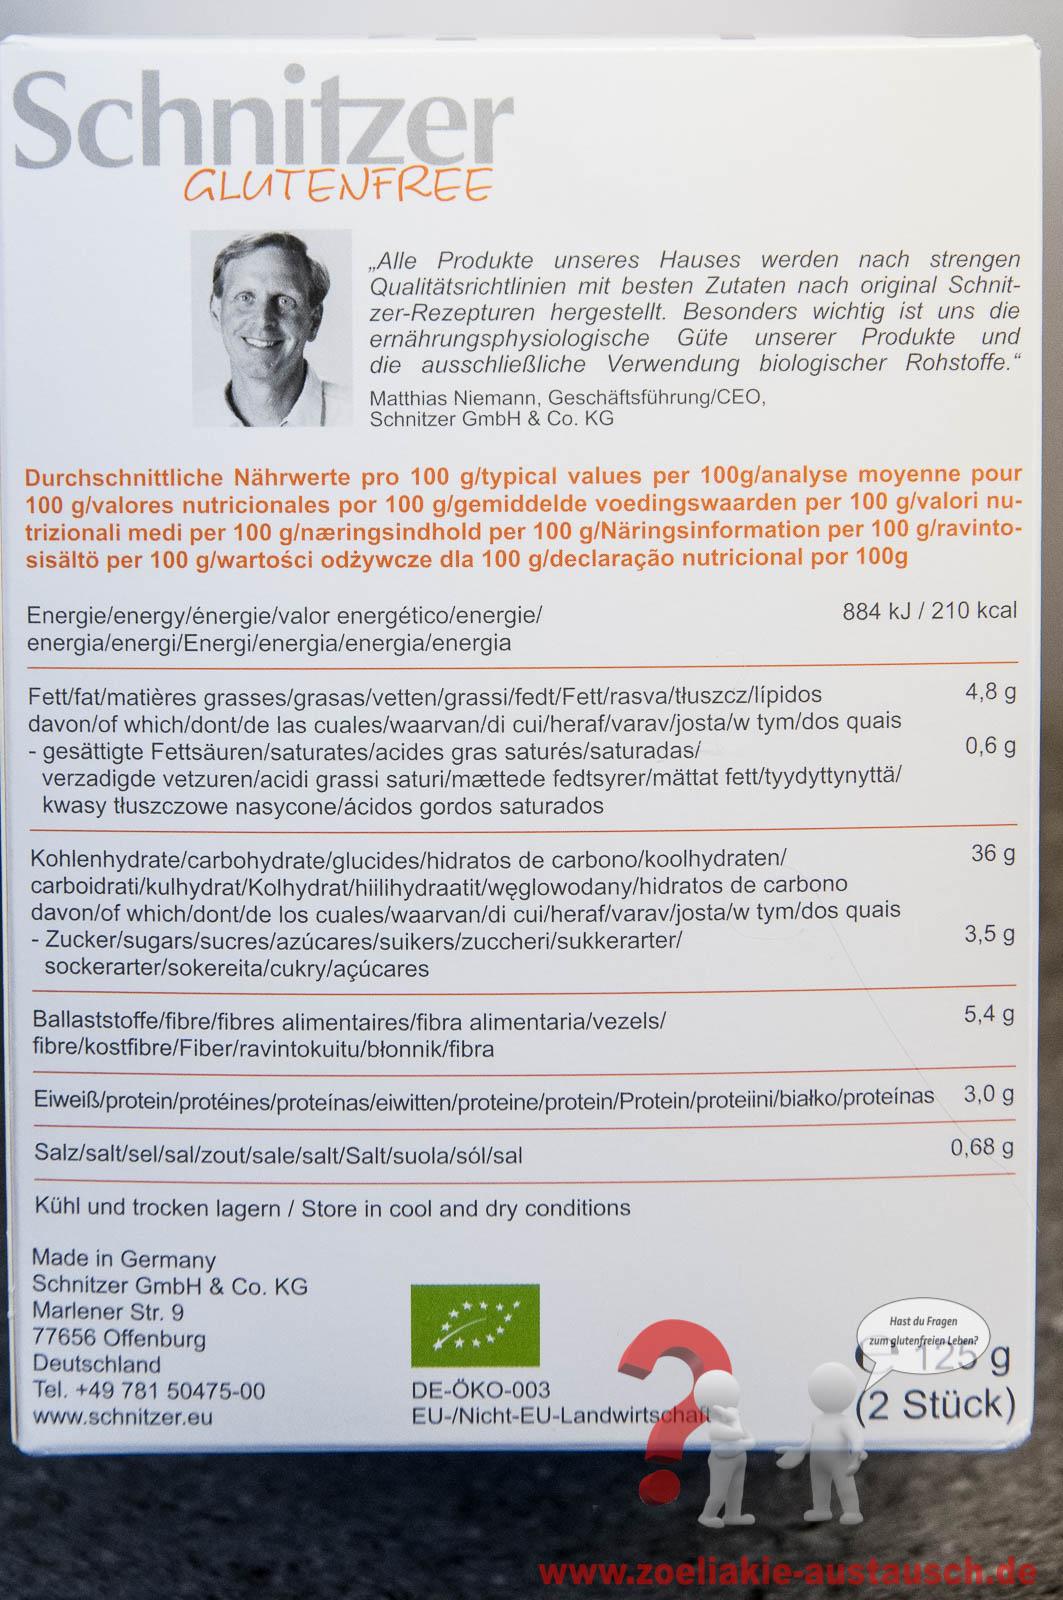 Zoeliakie-Austausch_Schnitzer_Burger_Broetchen_05